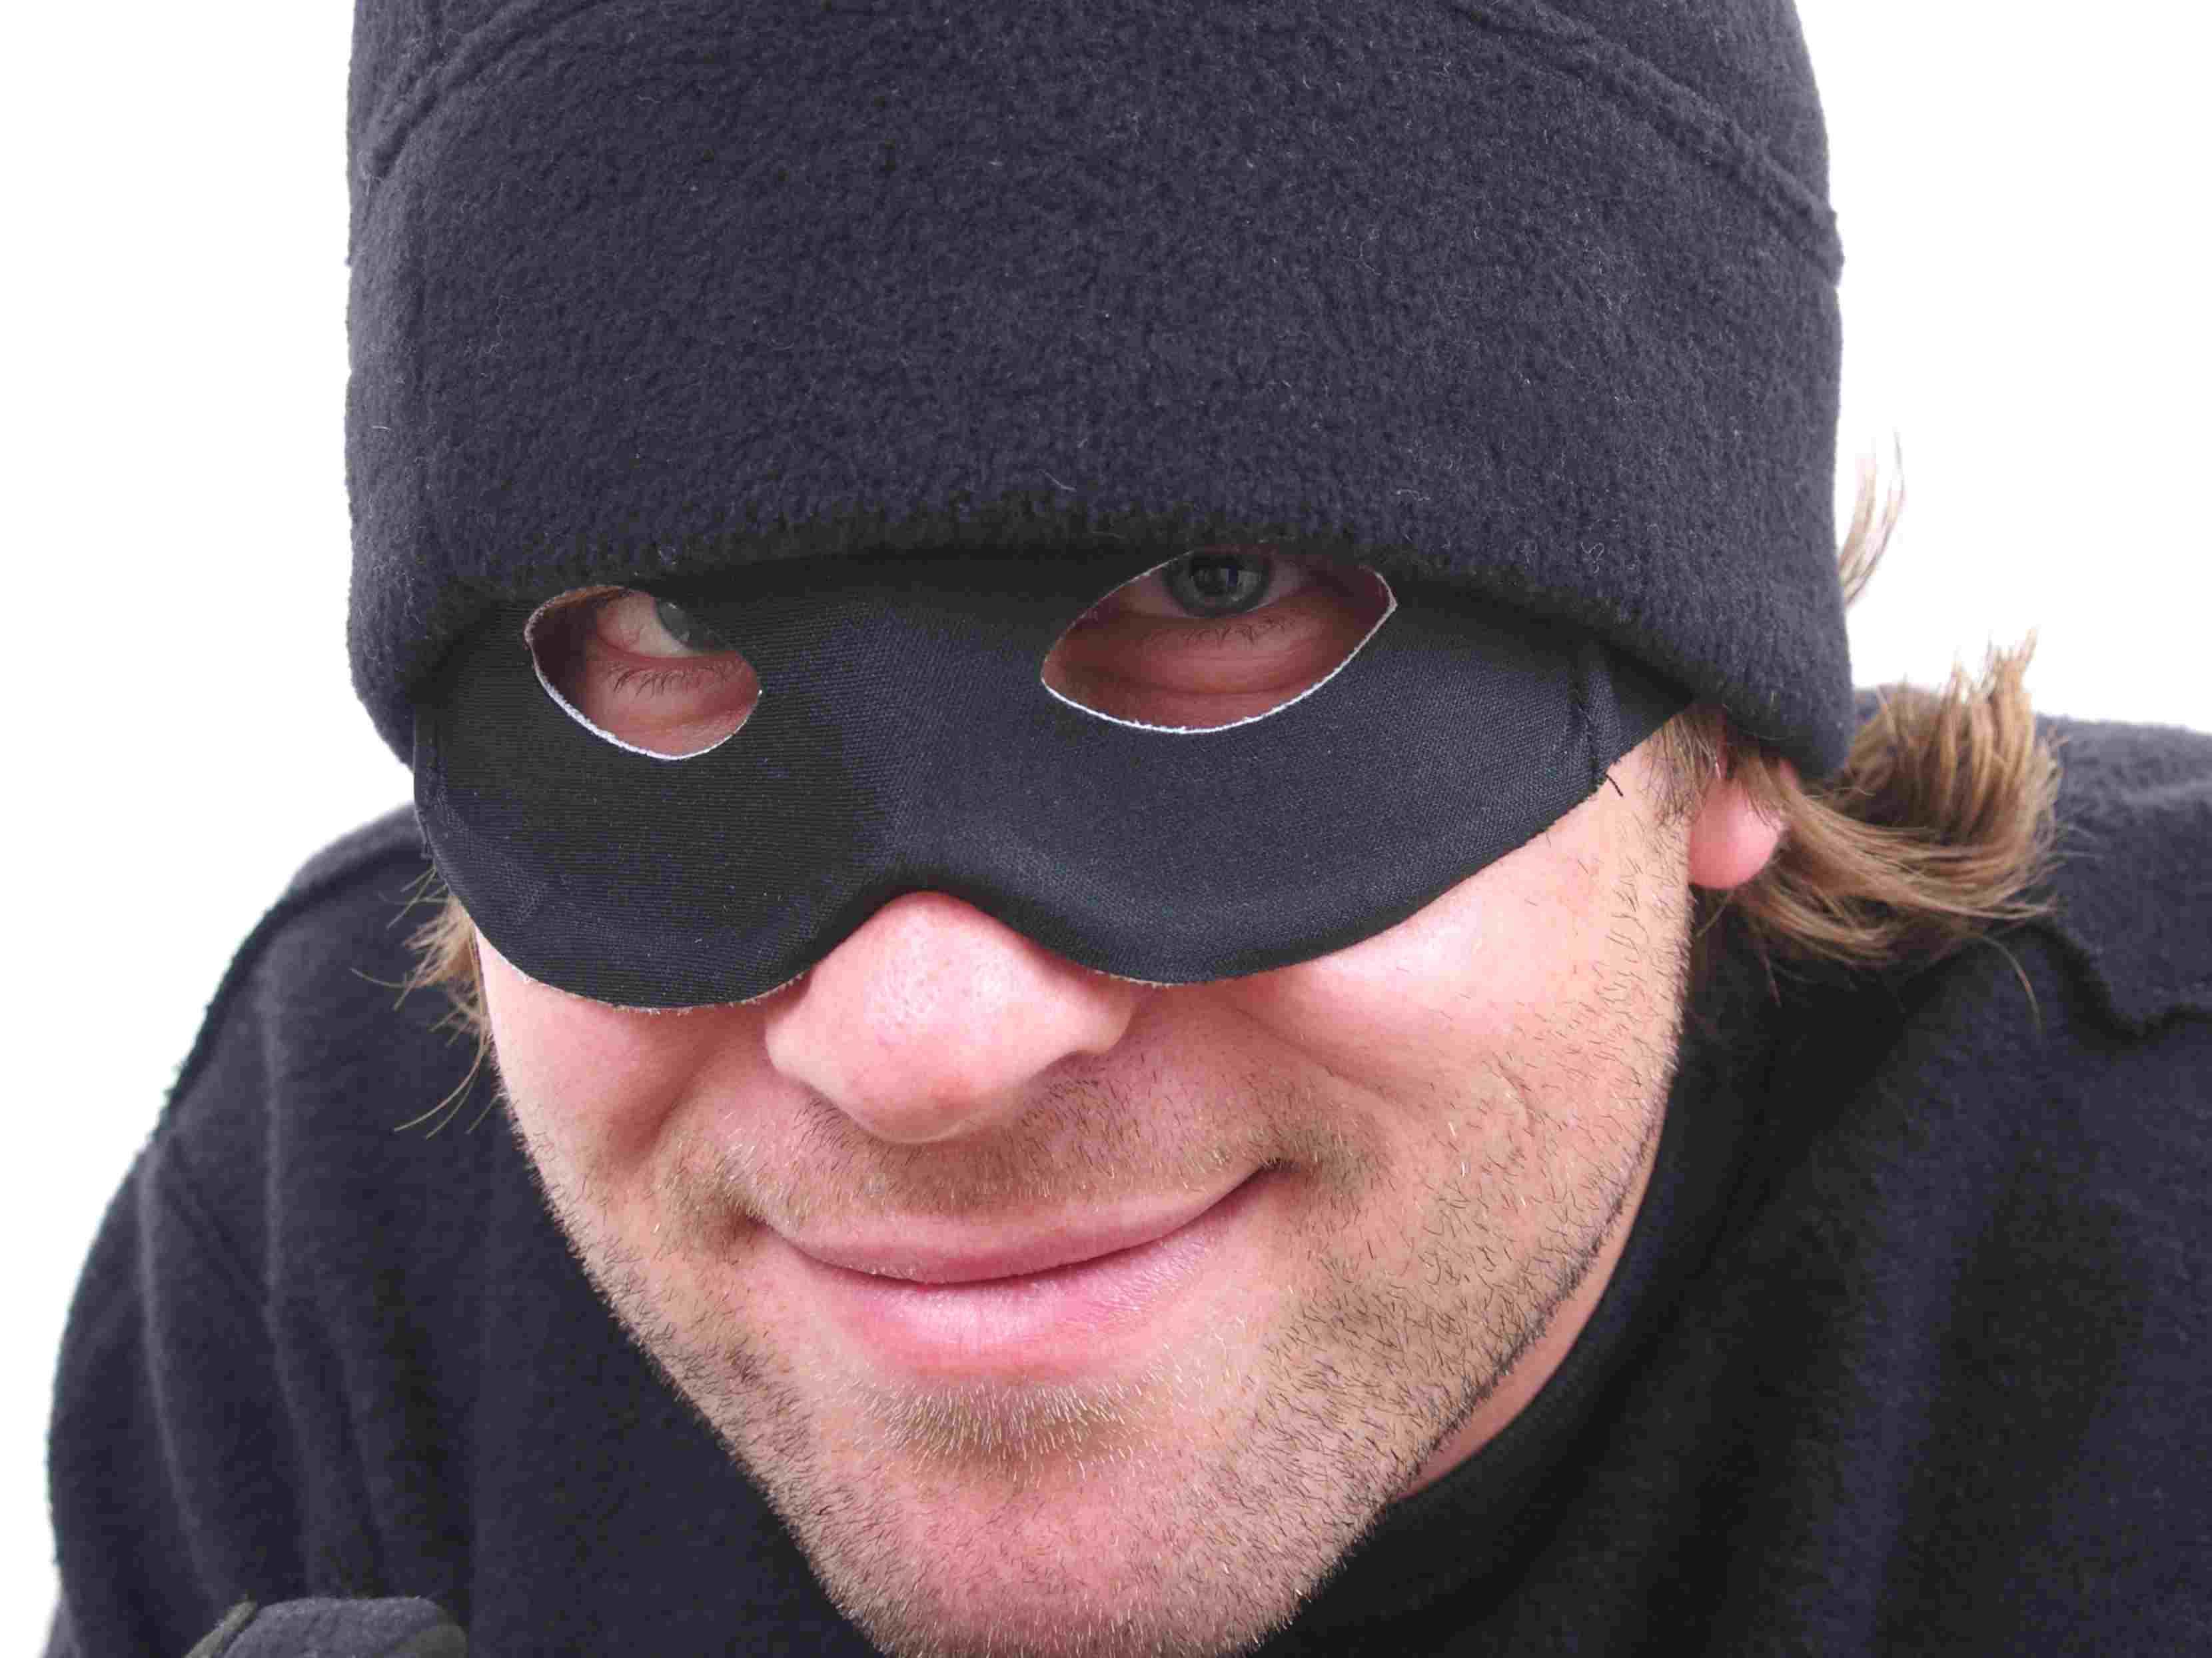 Ladrón sonriente